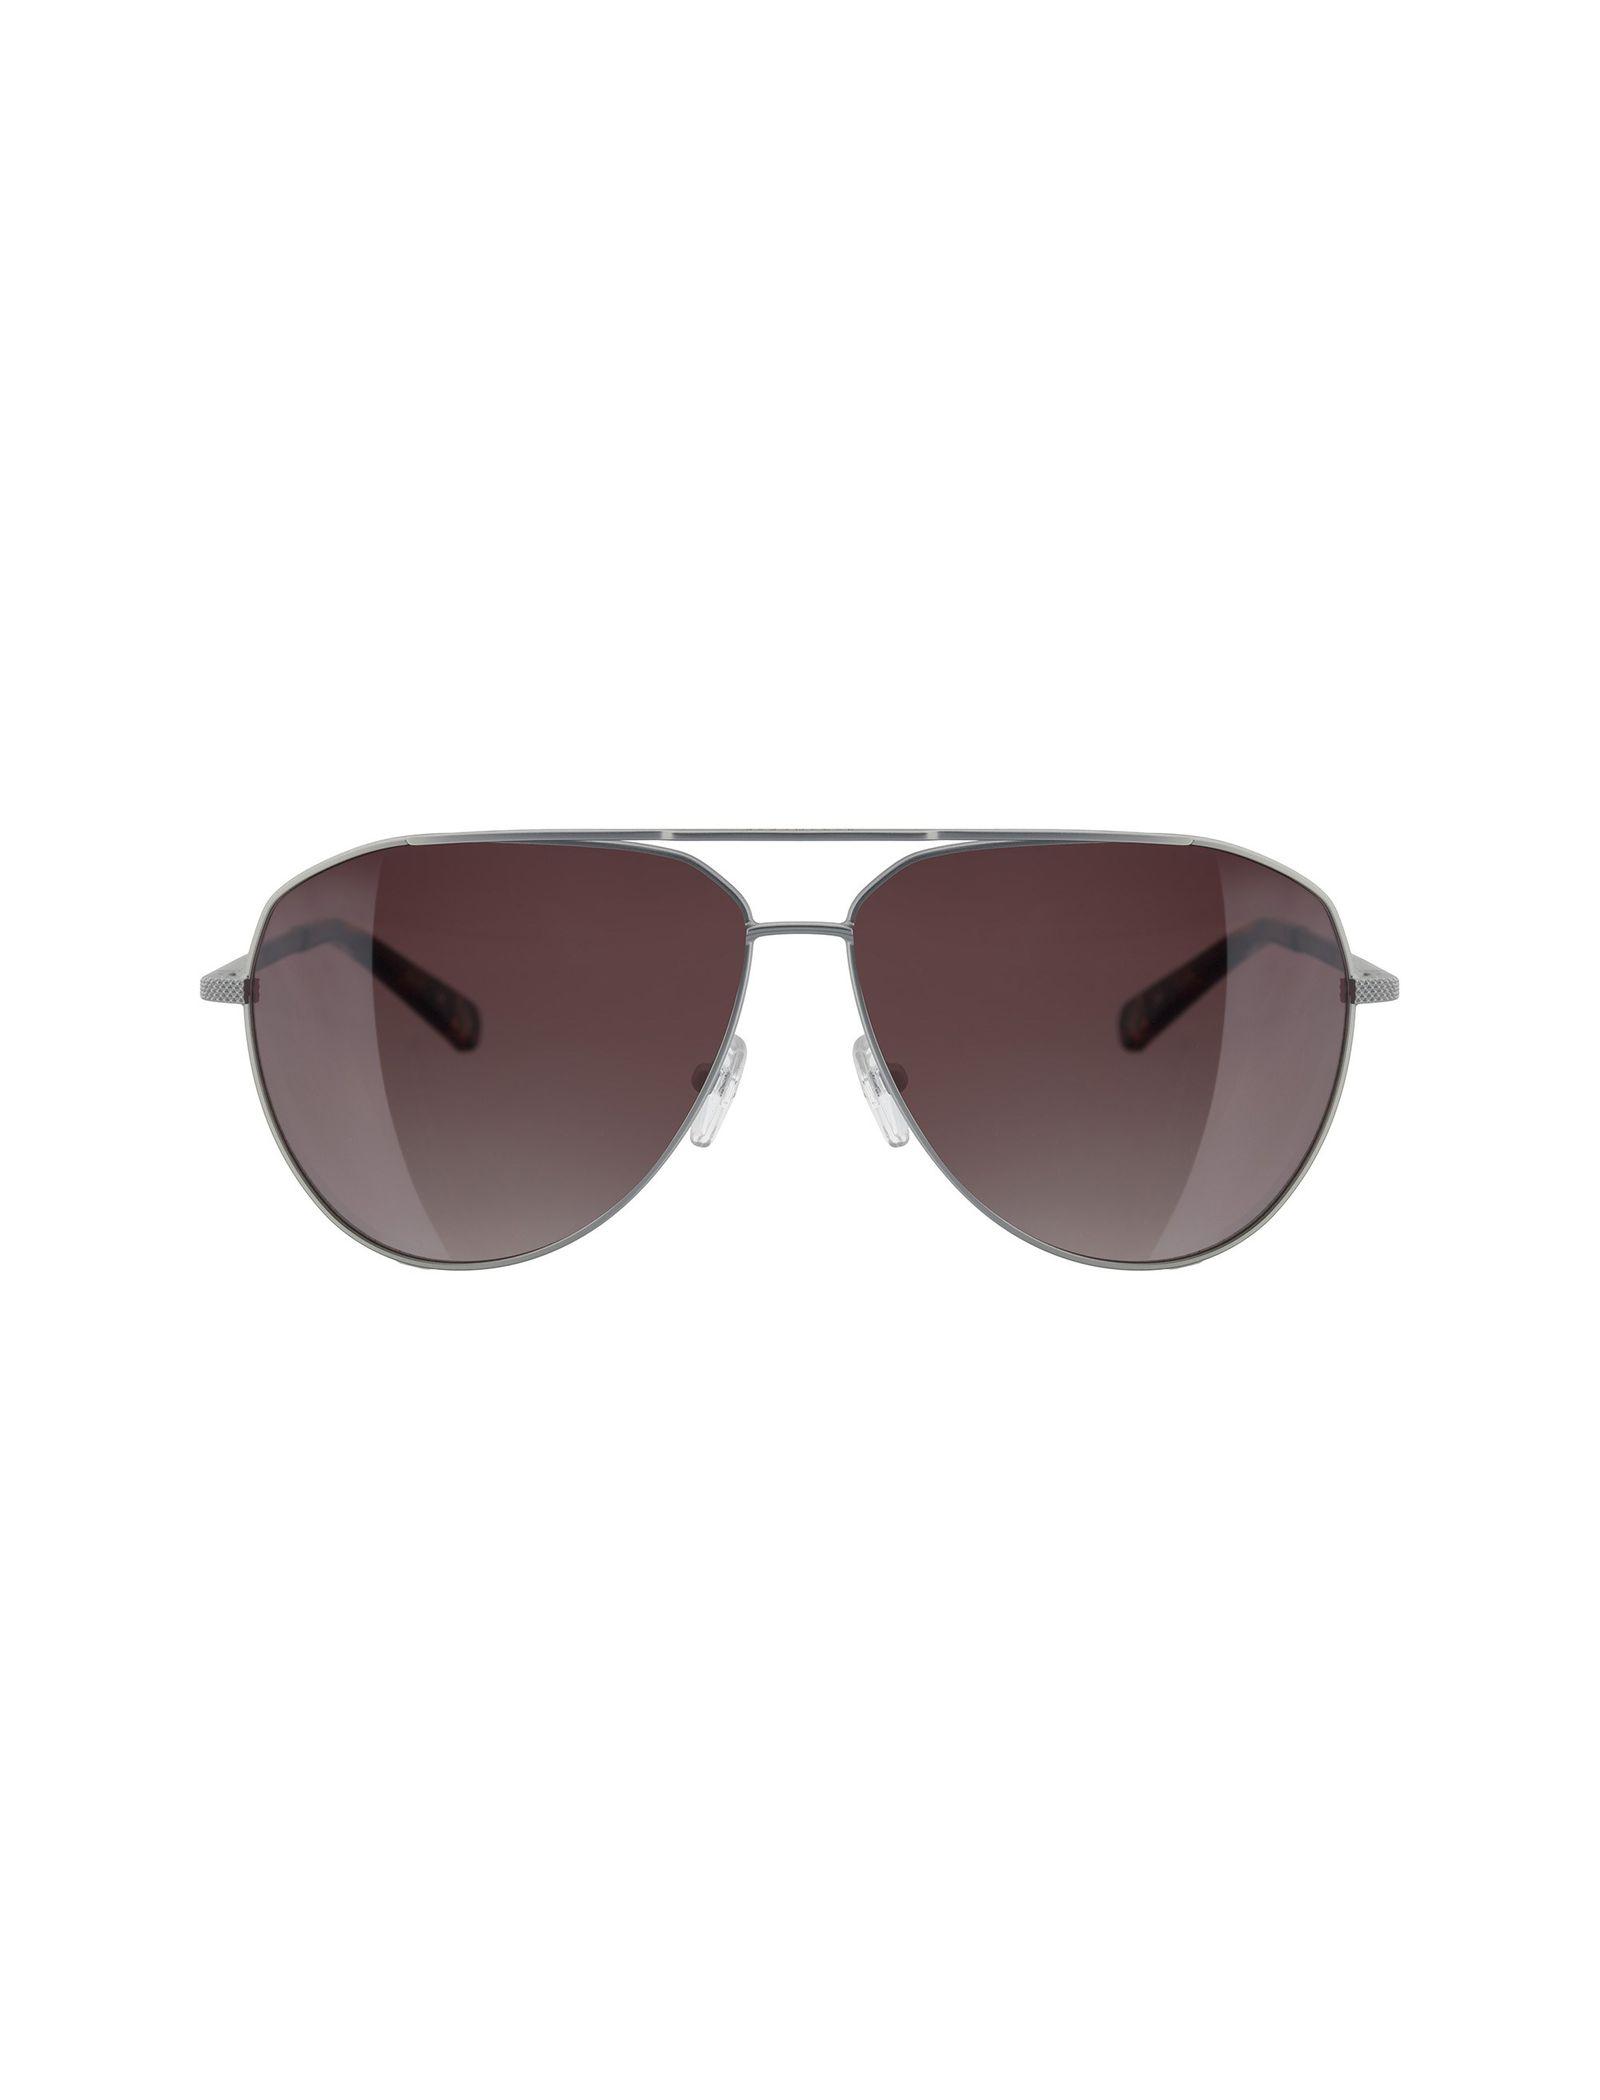 عینک آفتابی خلبانی بزرگسال - تد بیکر - نقره اي - 1